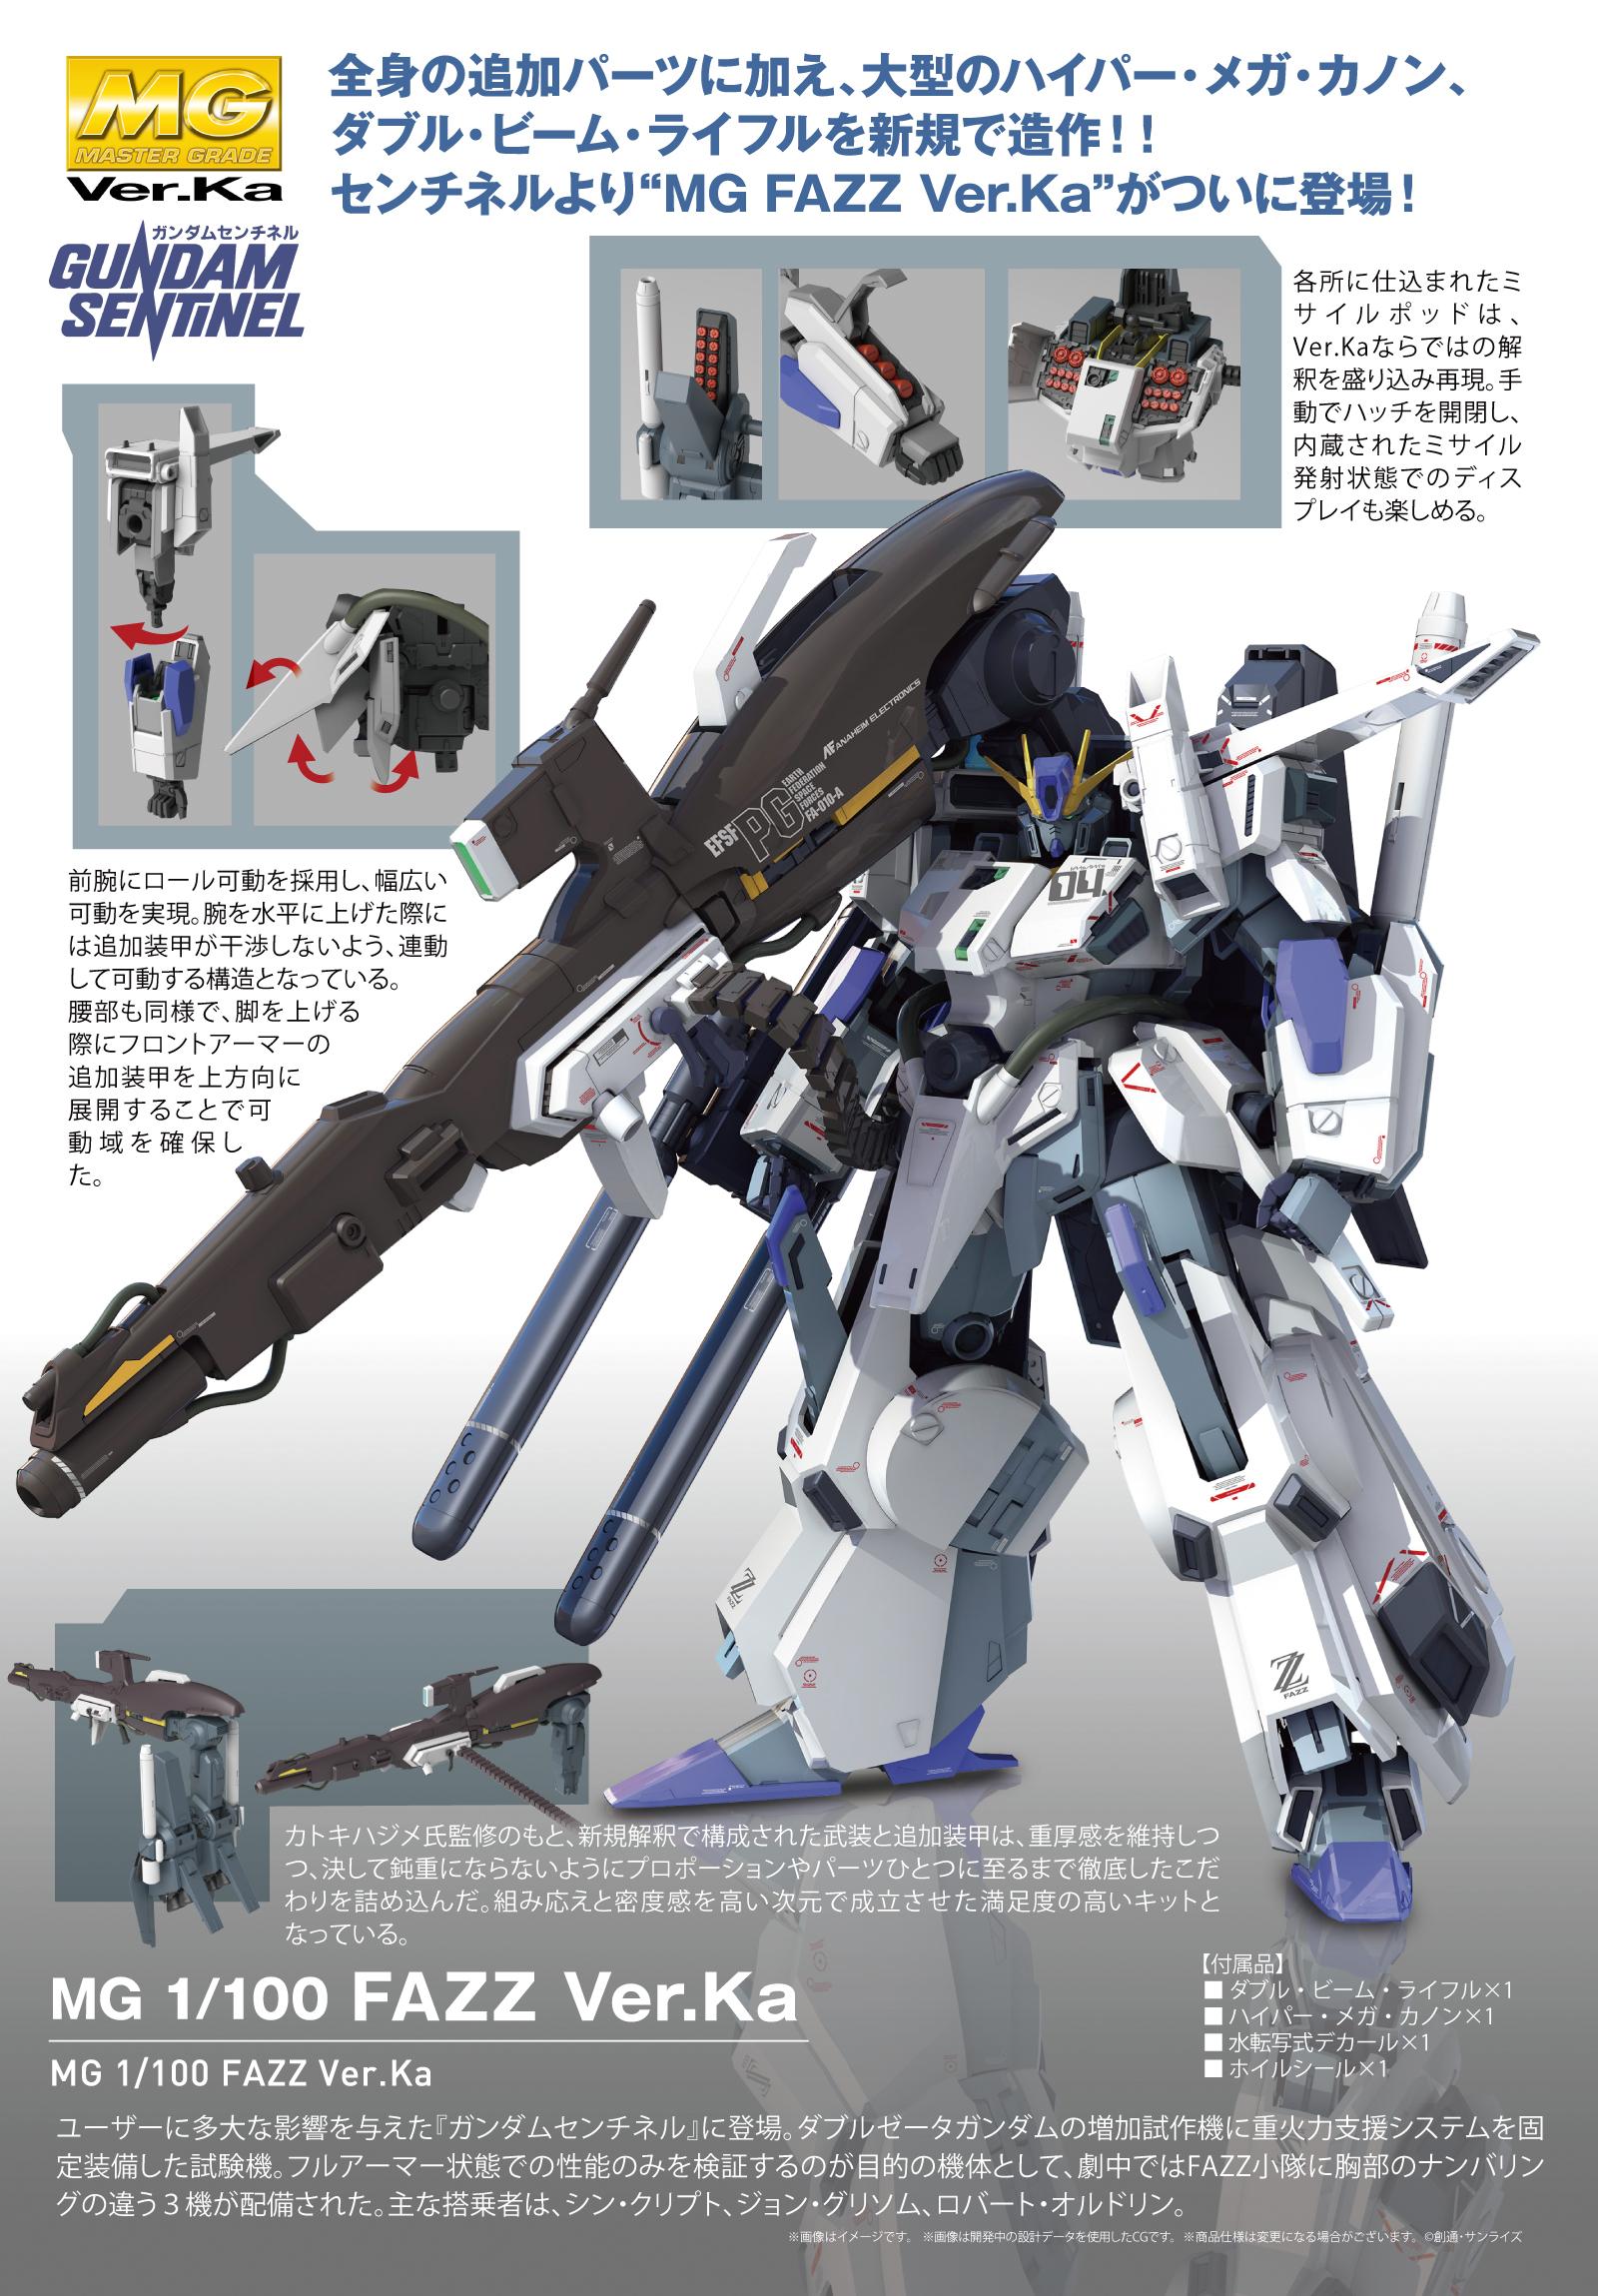 MG 1/100 FAZZ Ver.Ka 公式商品説明(画像)